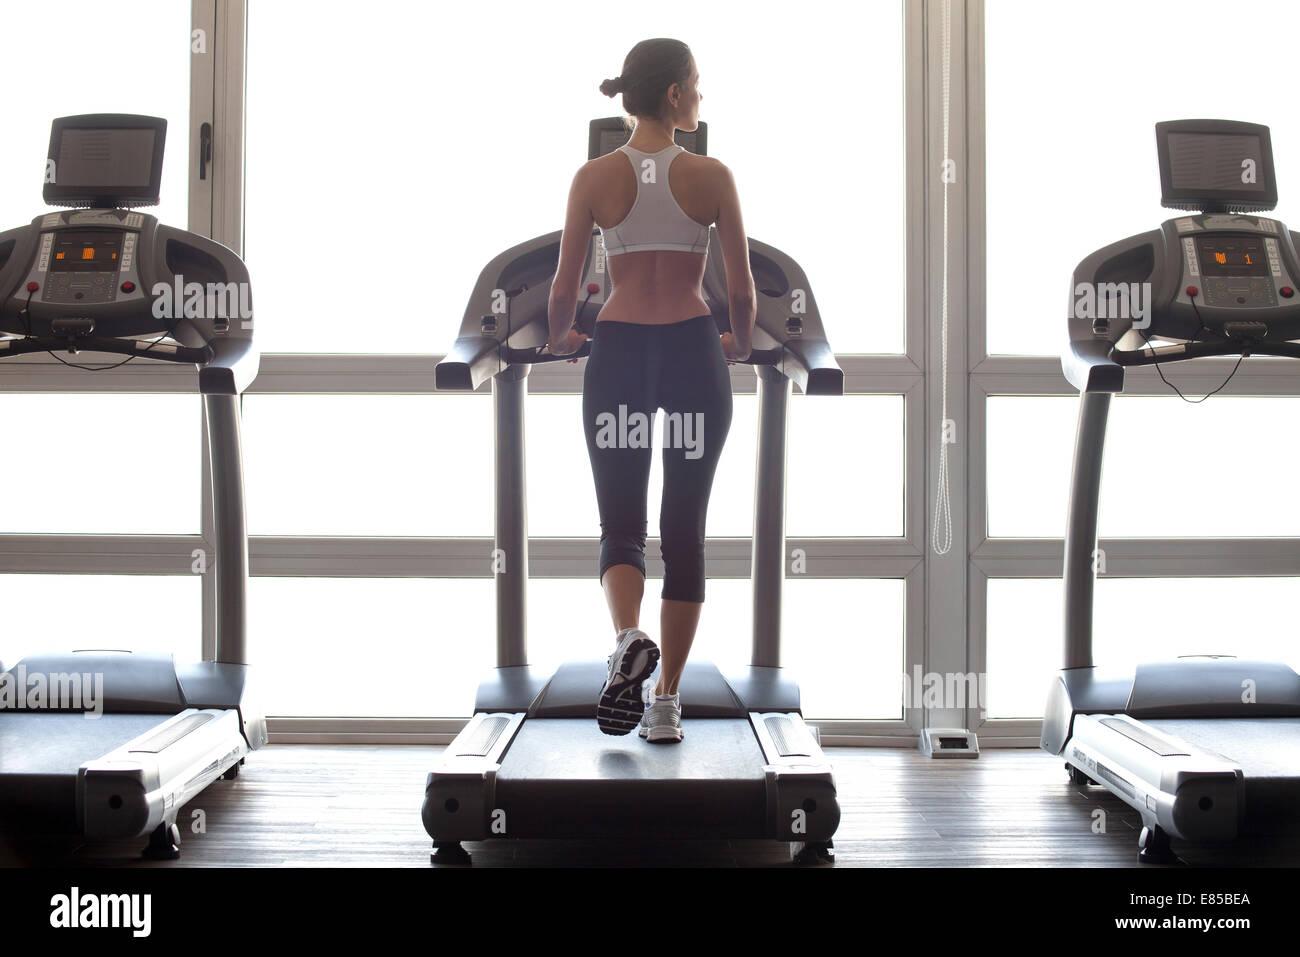 Donna di jogging sul tapis roulant in palestra Immagini Stock